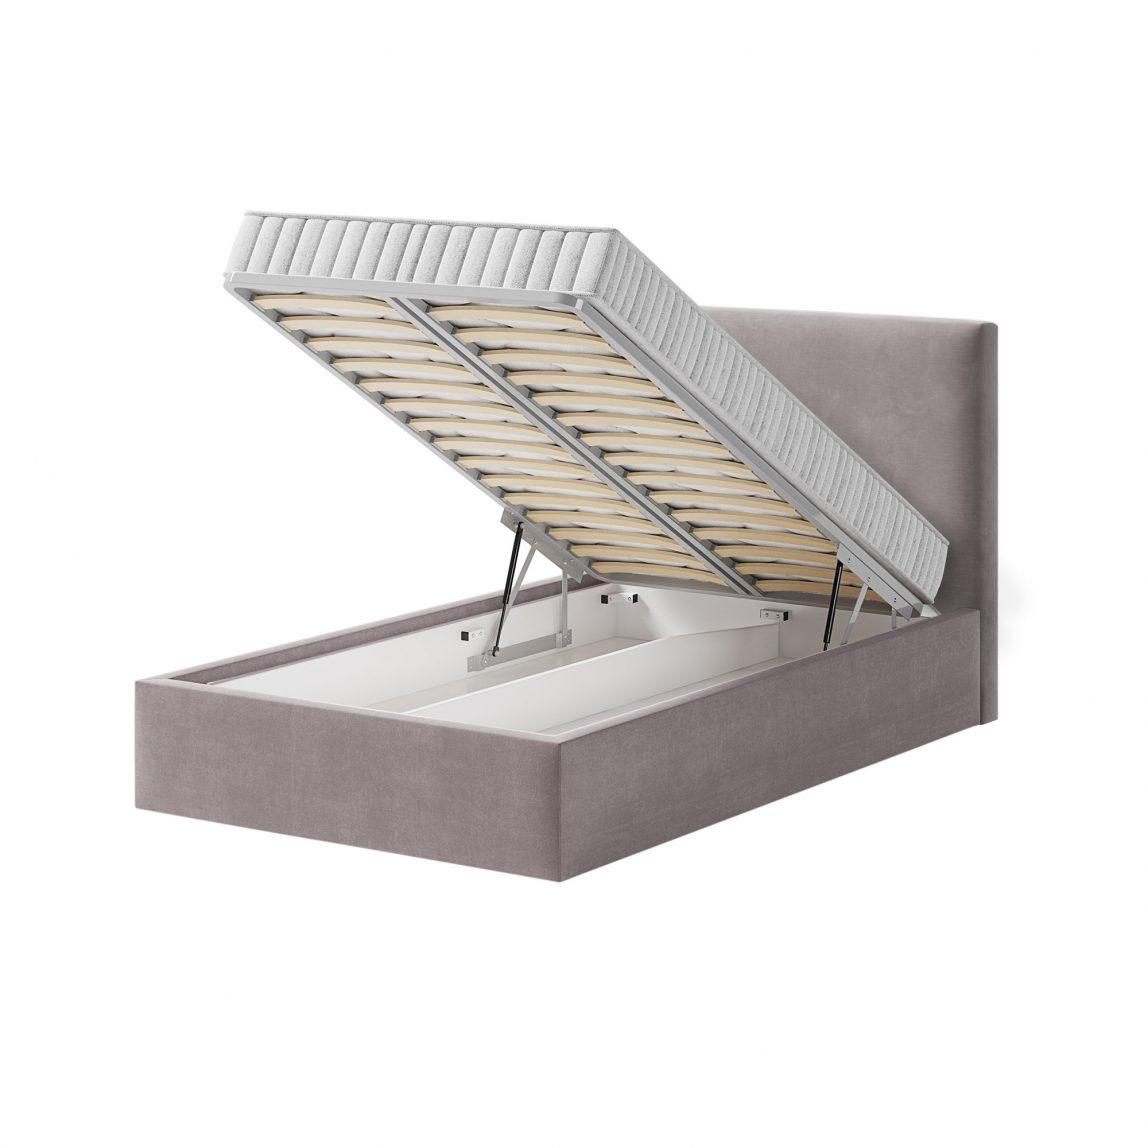 Кровать с ортопедической решеткой с немецкими пневматическими подъемниками в комплекте